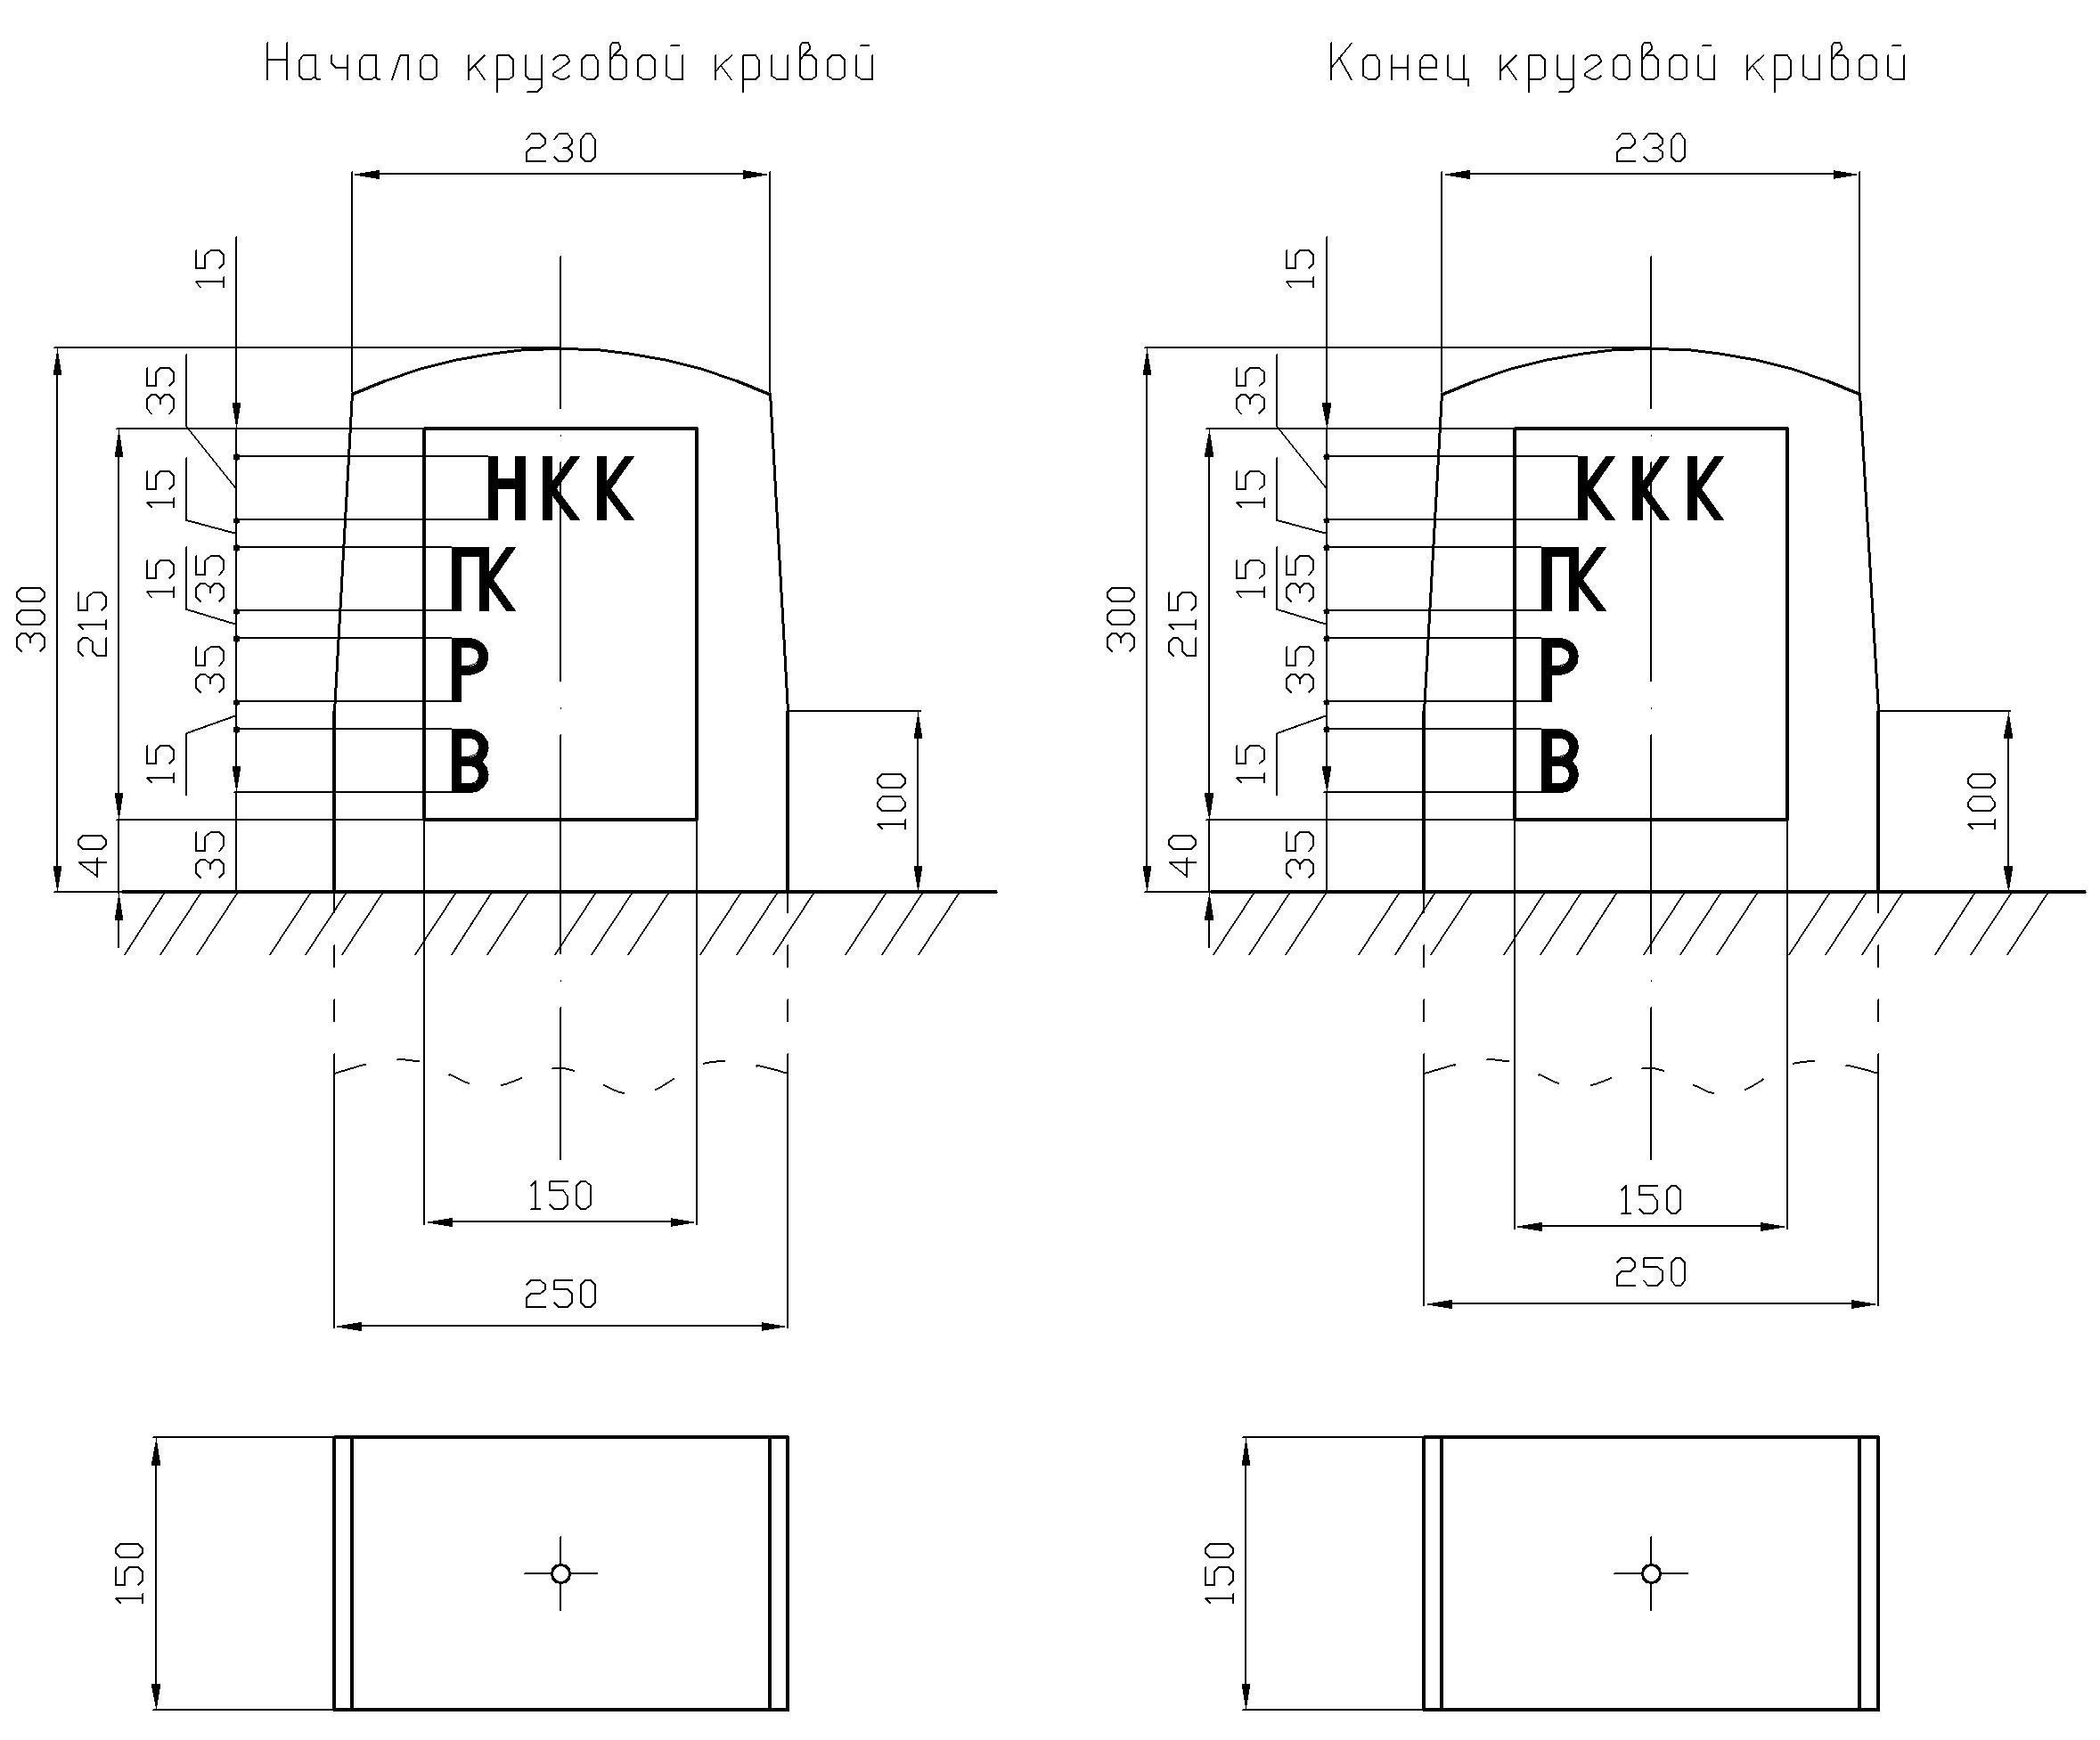 Рисунок 50. Реперы начала и конца круговой кривой